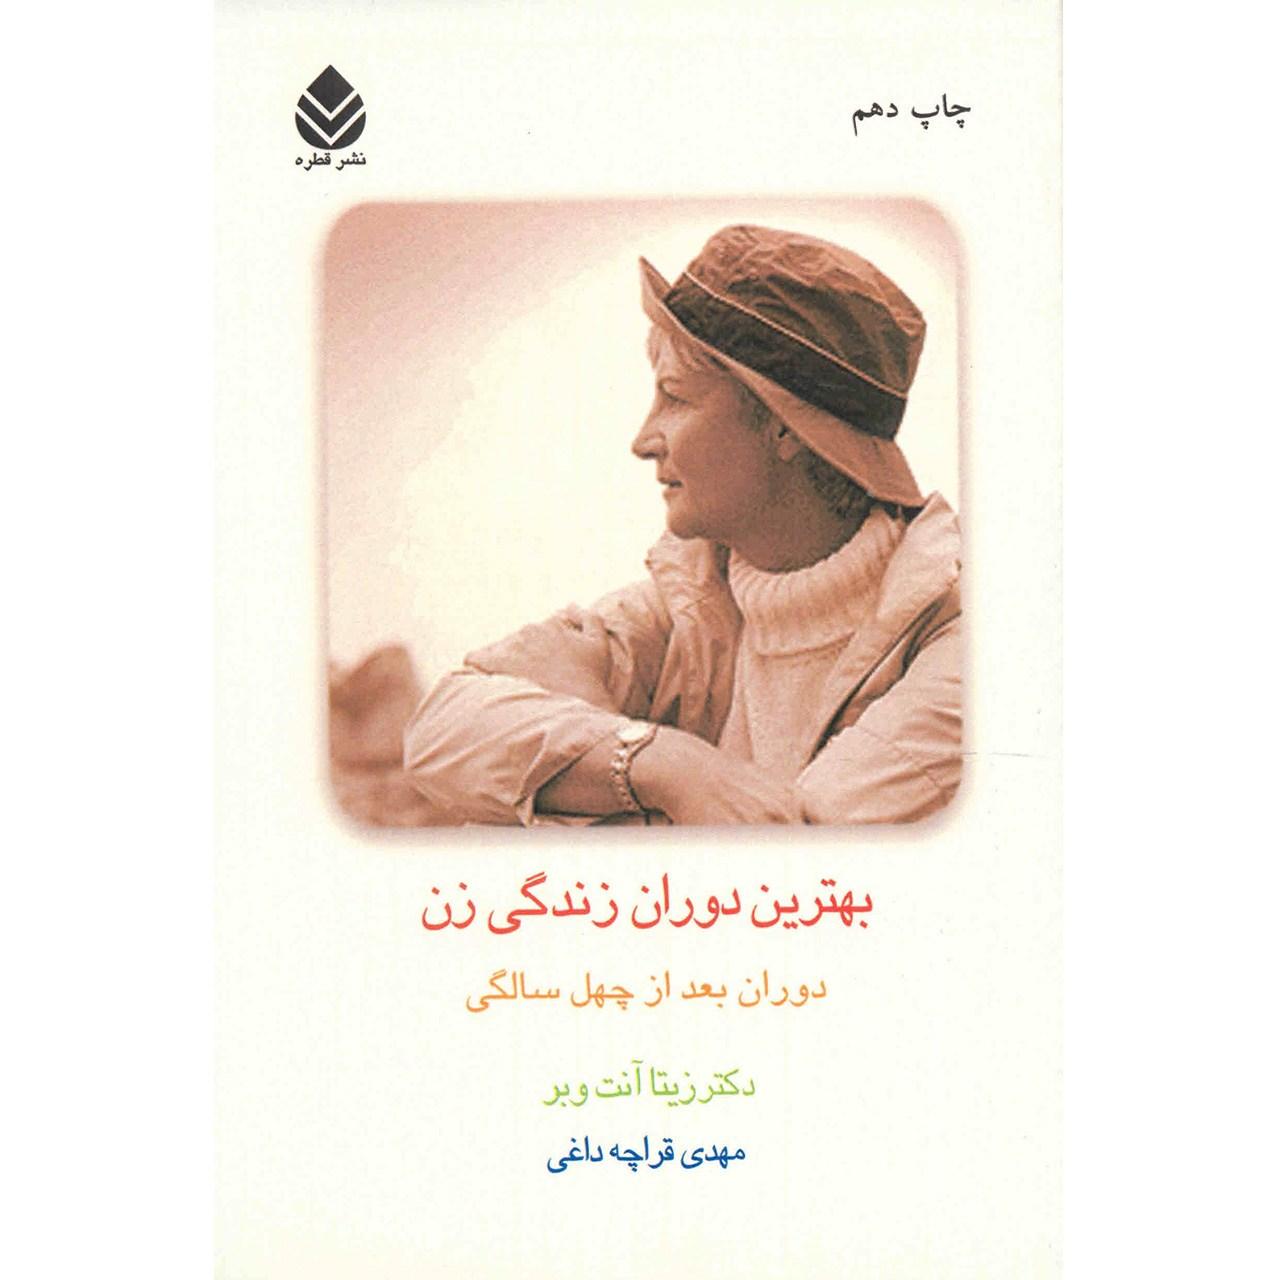 کتاب بهترین دوران زندگی زن اثر زیتا آنت وبر